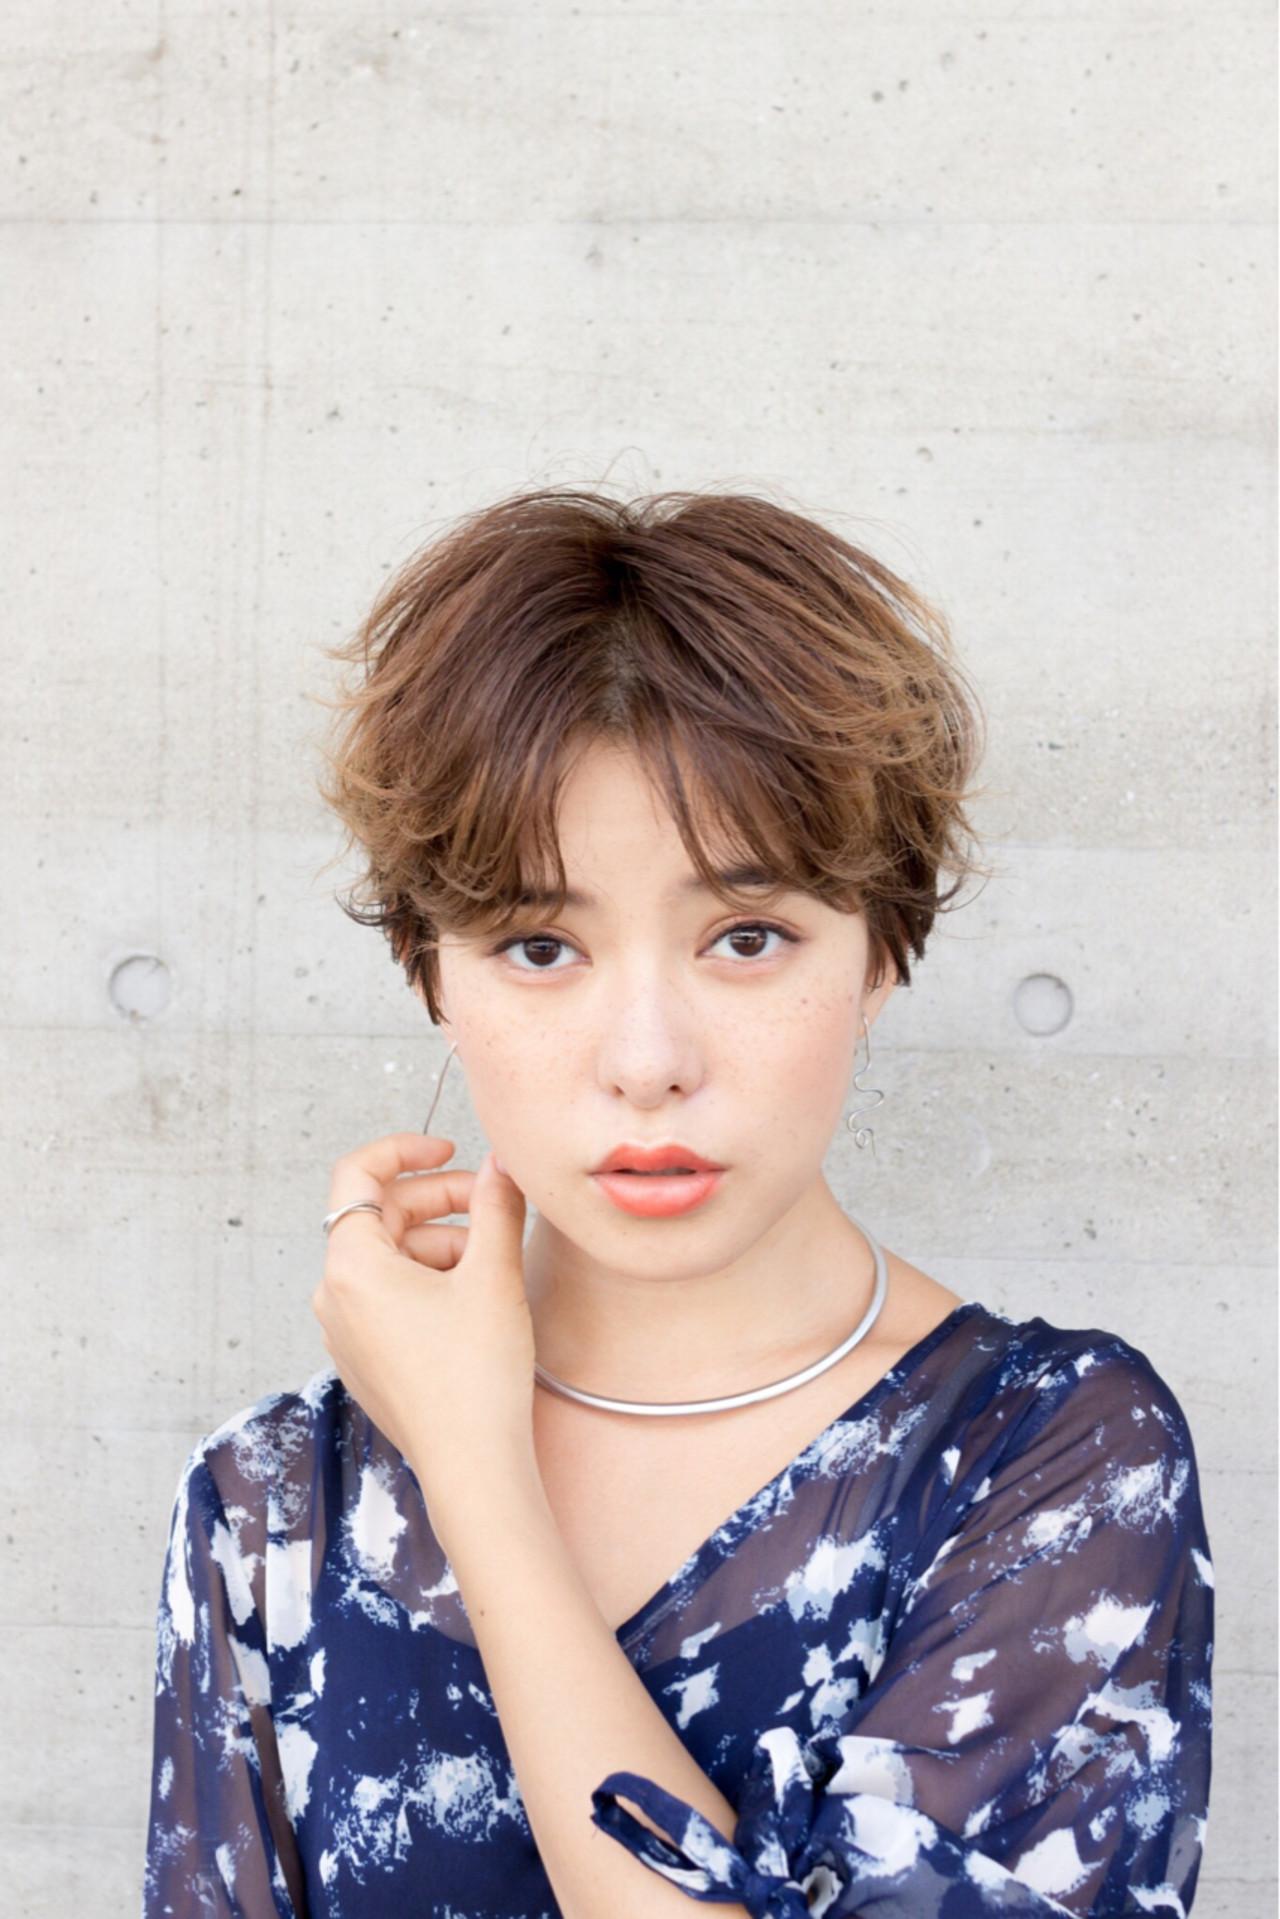 ラフパーマが似合う☆垢抜けショートヘア 江畠 大地